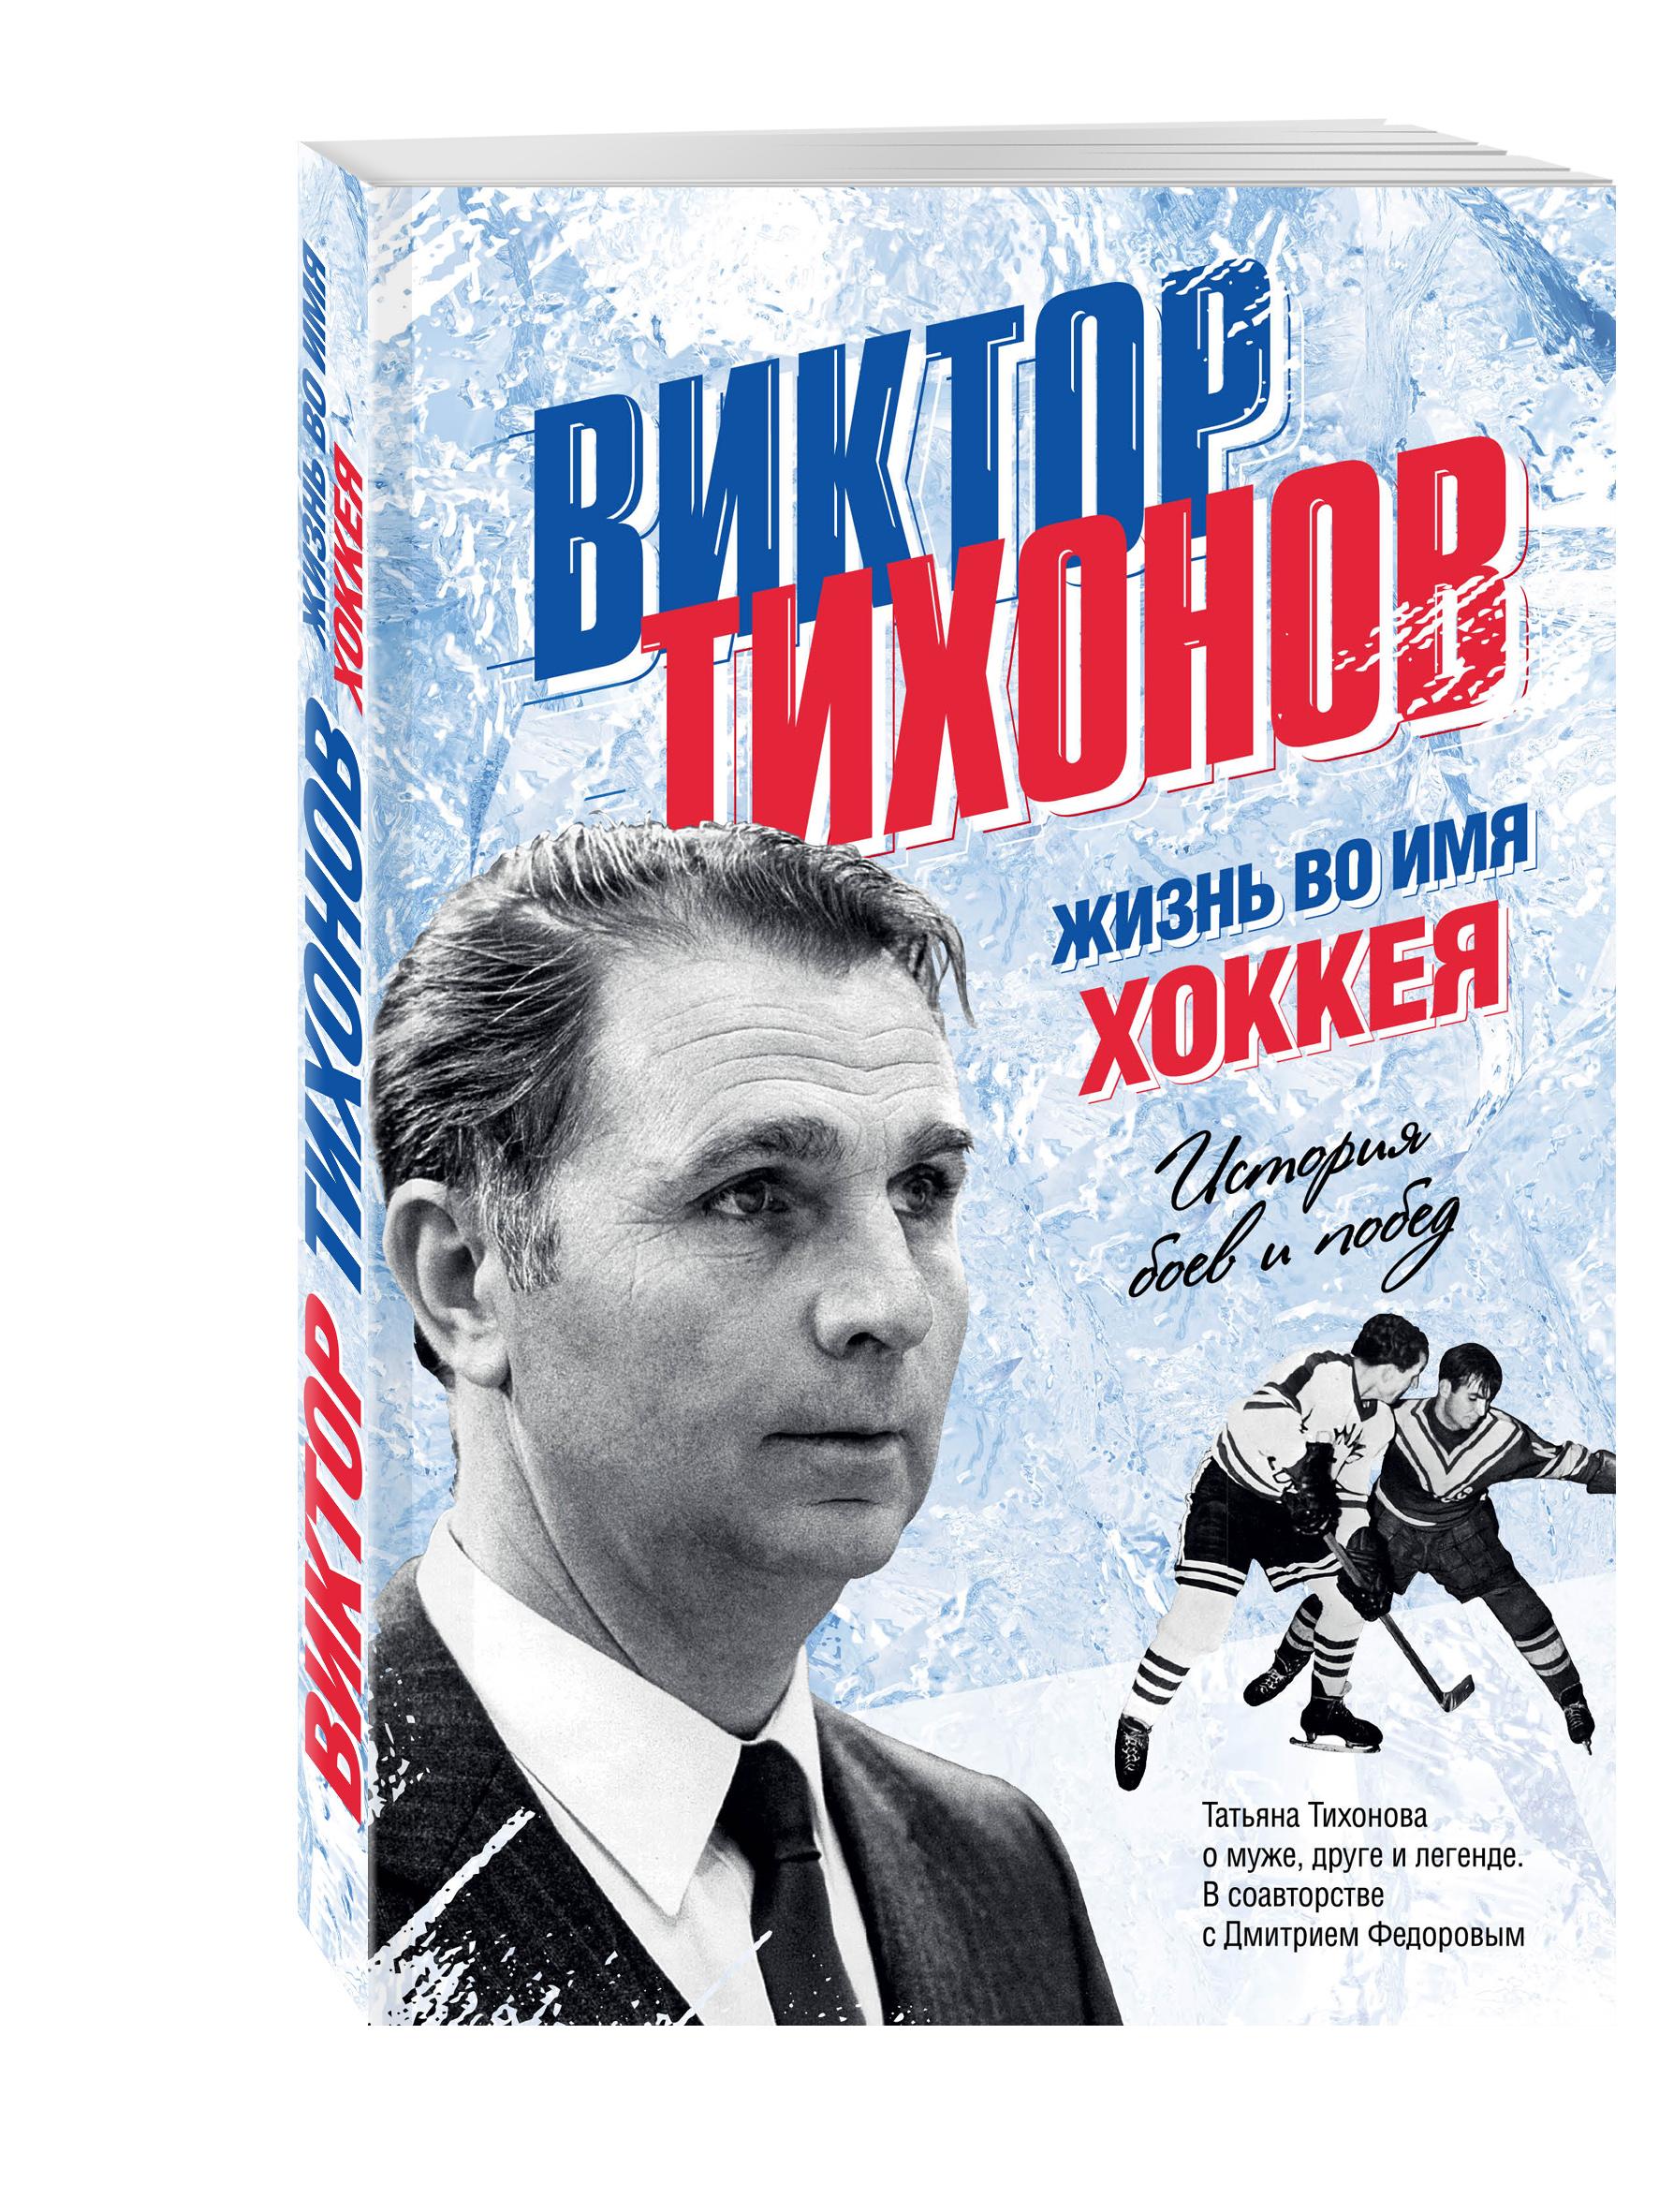 Татьяна Тихонова, Дмитрий Федоров Виктор Тихонов. Жизнь во имя хоккея